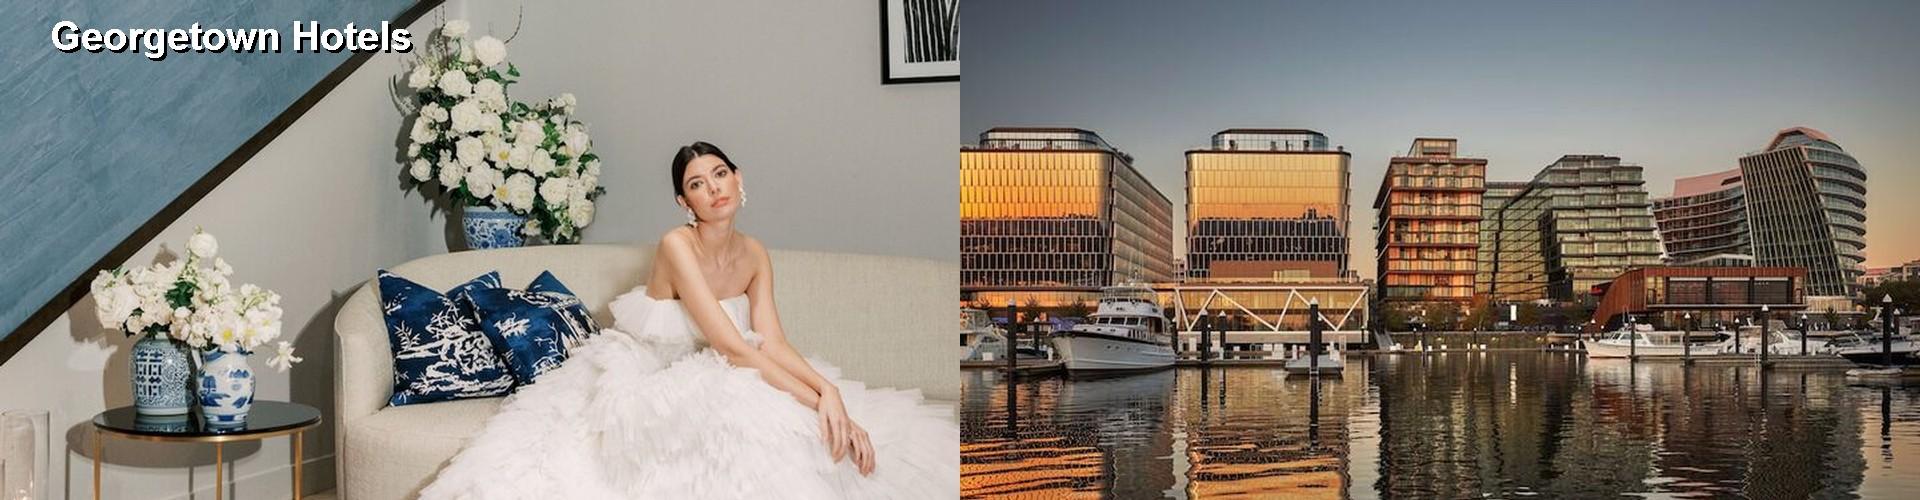 5 Best Hotels Near Georgetown